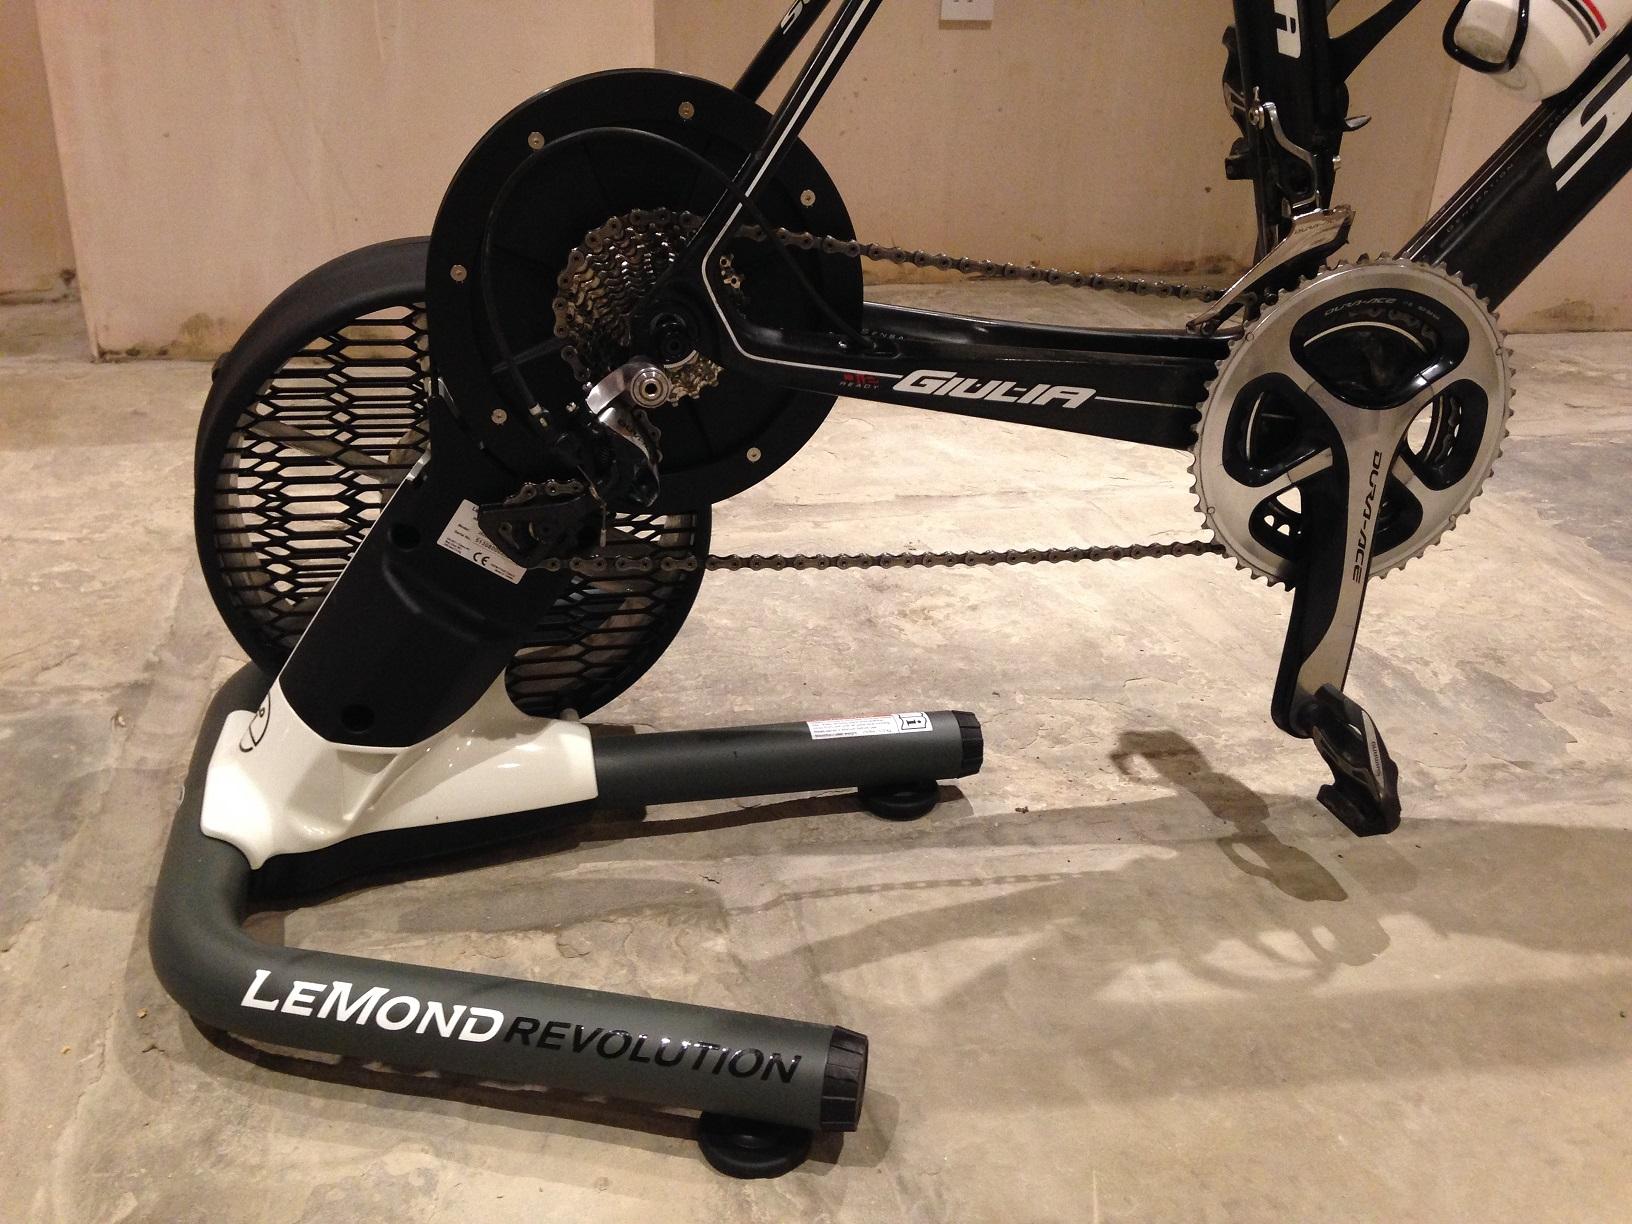 lemond revolution trainer bike mounted